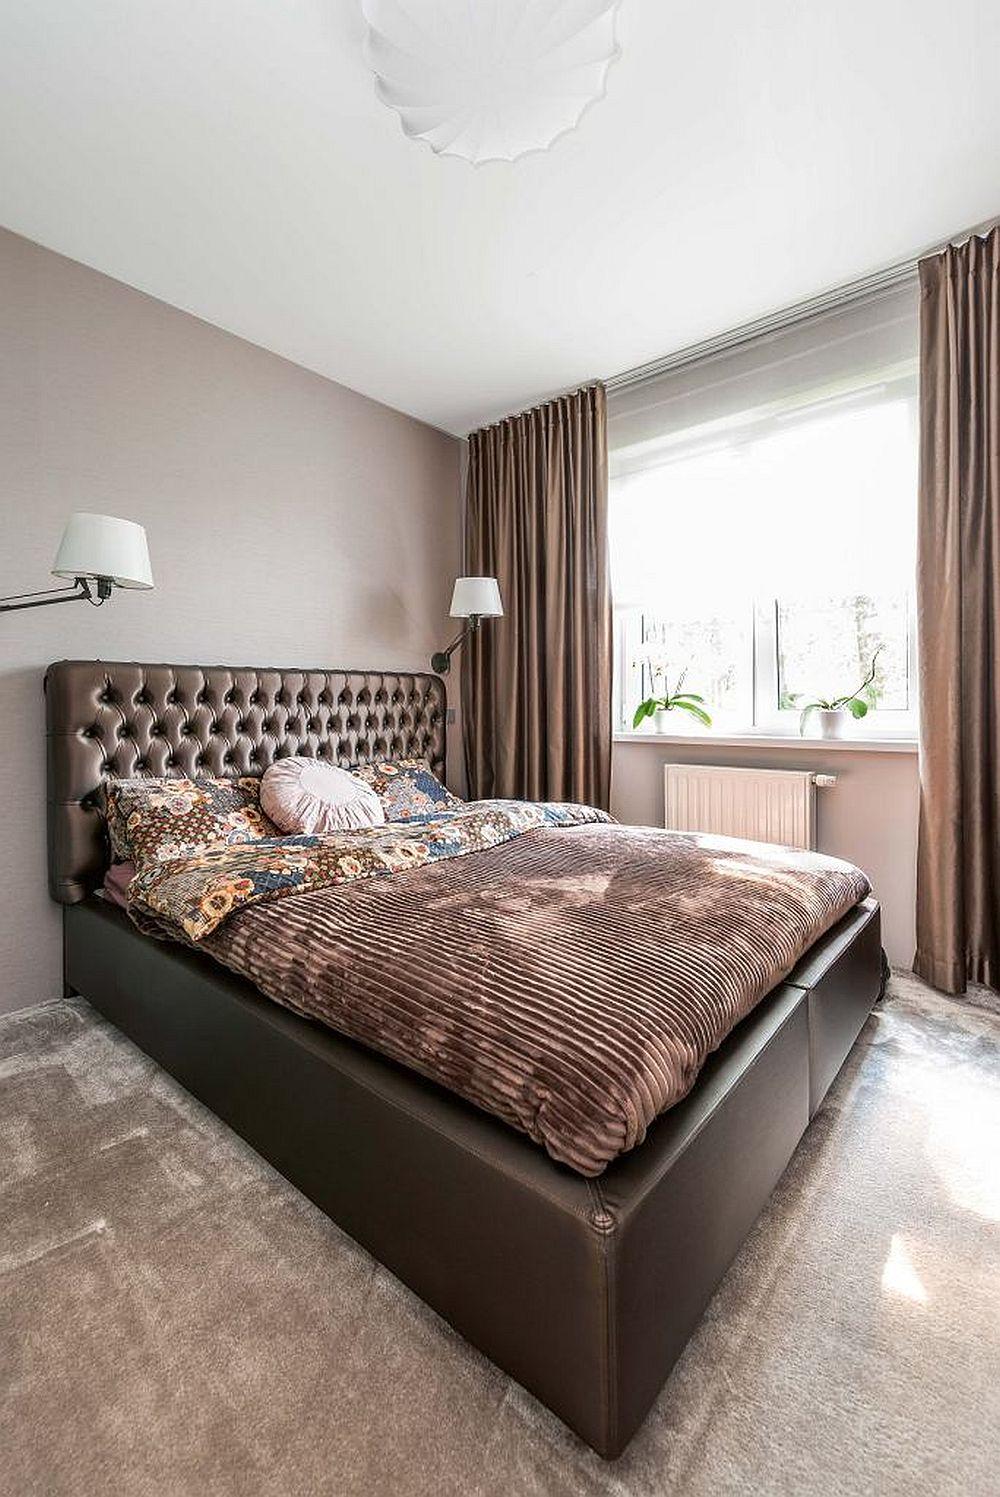 Dormitorul matrimonial amenajat cu mochetă la nivelul pardoselii.